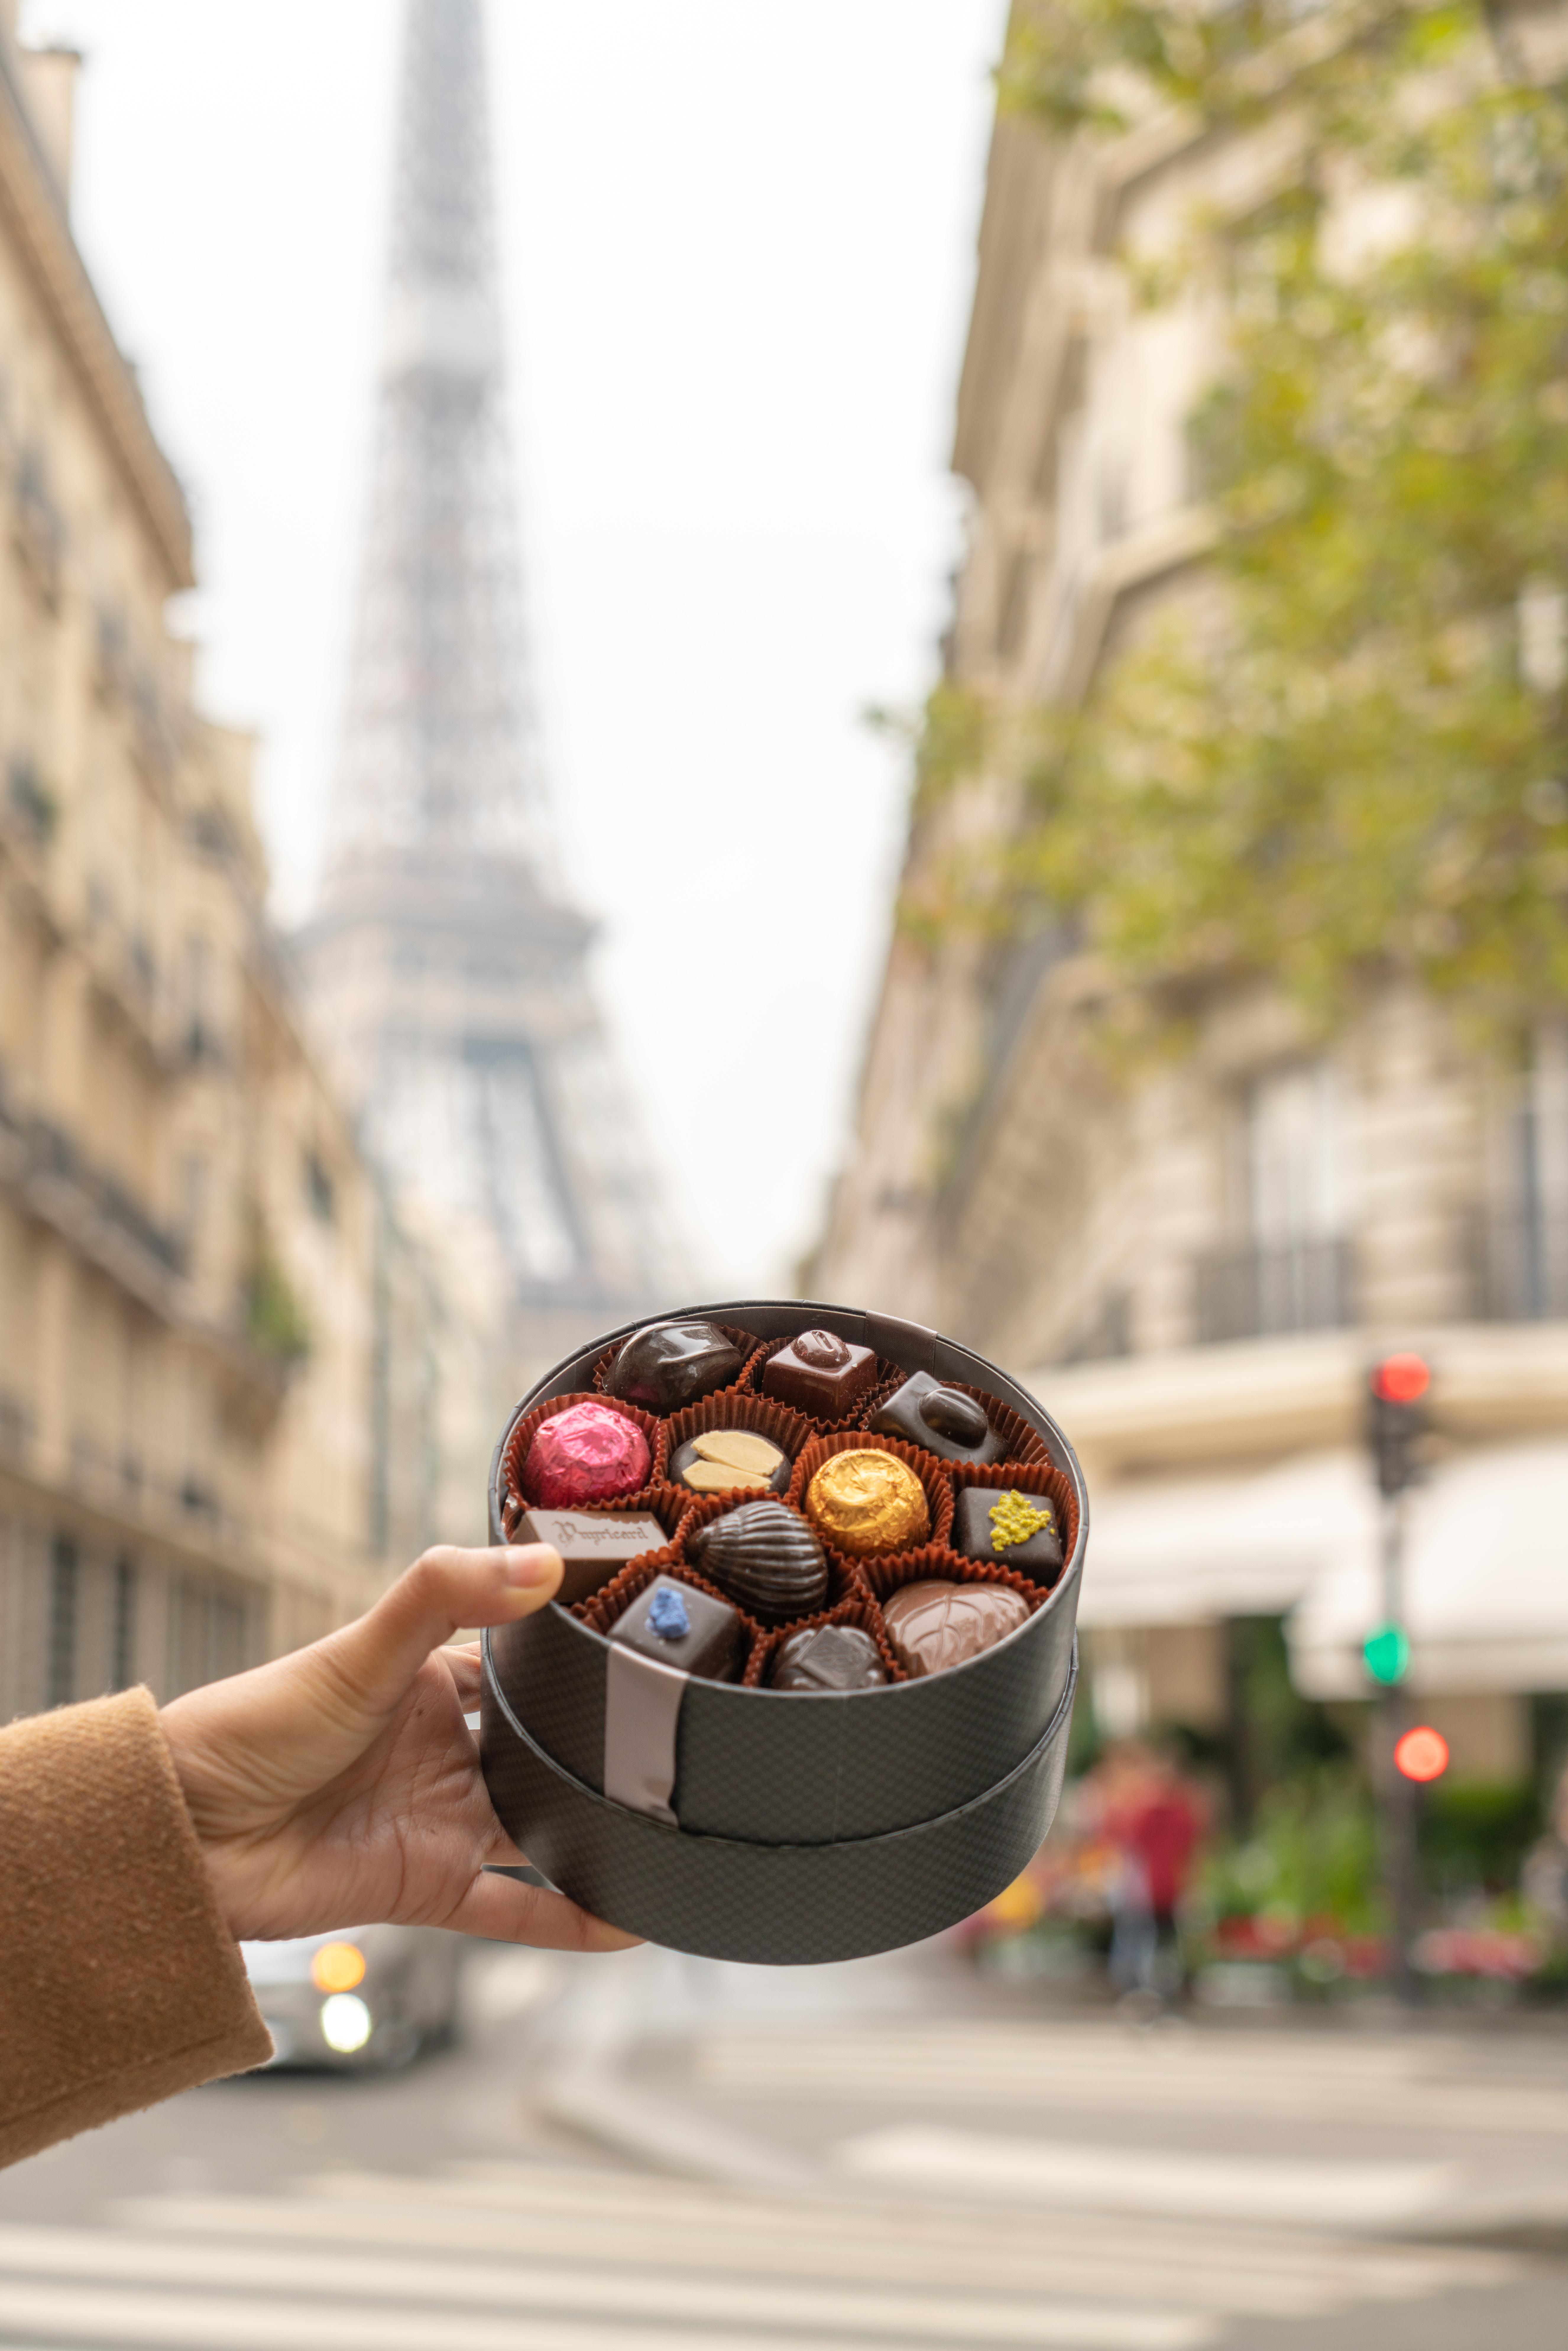 Chocolate shop near Eiffel Tower